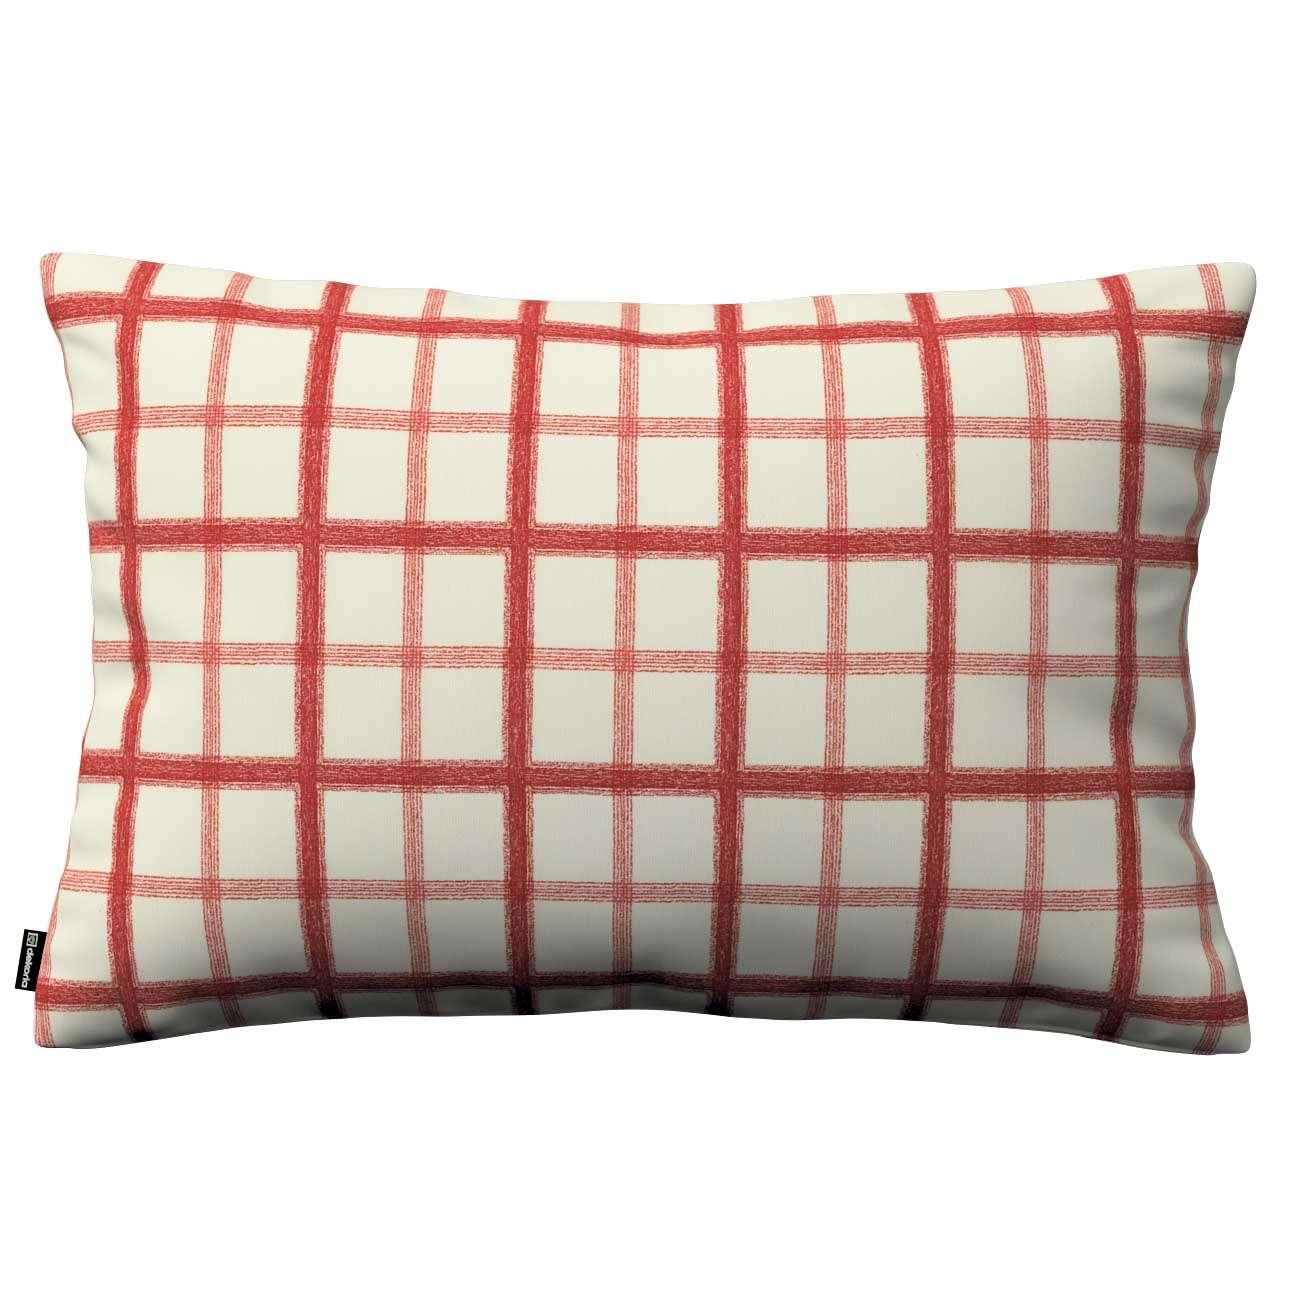 Kinga dekoratyvinės pagalvėlės užvalkalas 60x40cm 60 × 40 cm kolekcijoje Avinon, audinys: 131-15